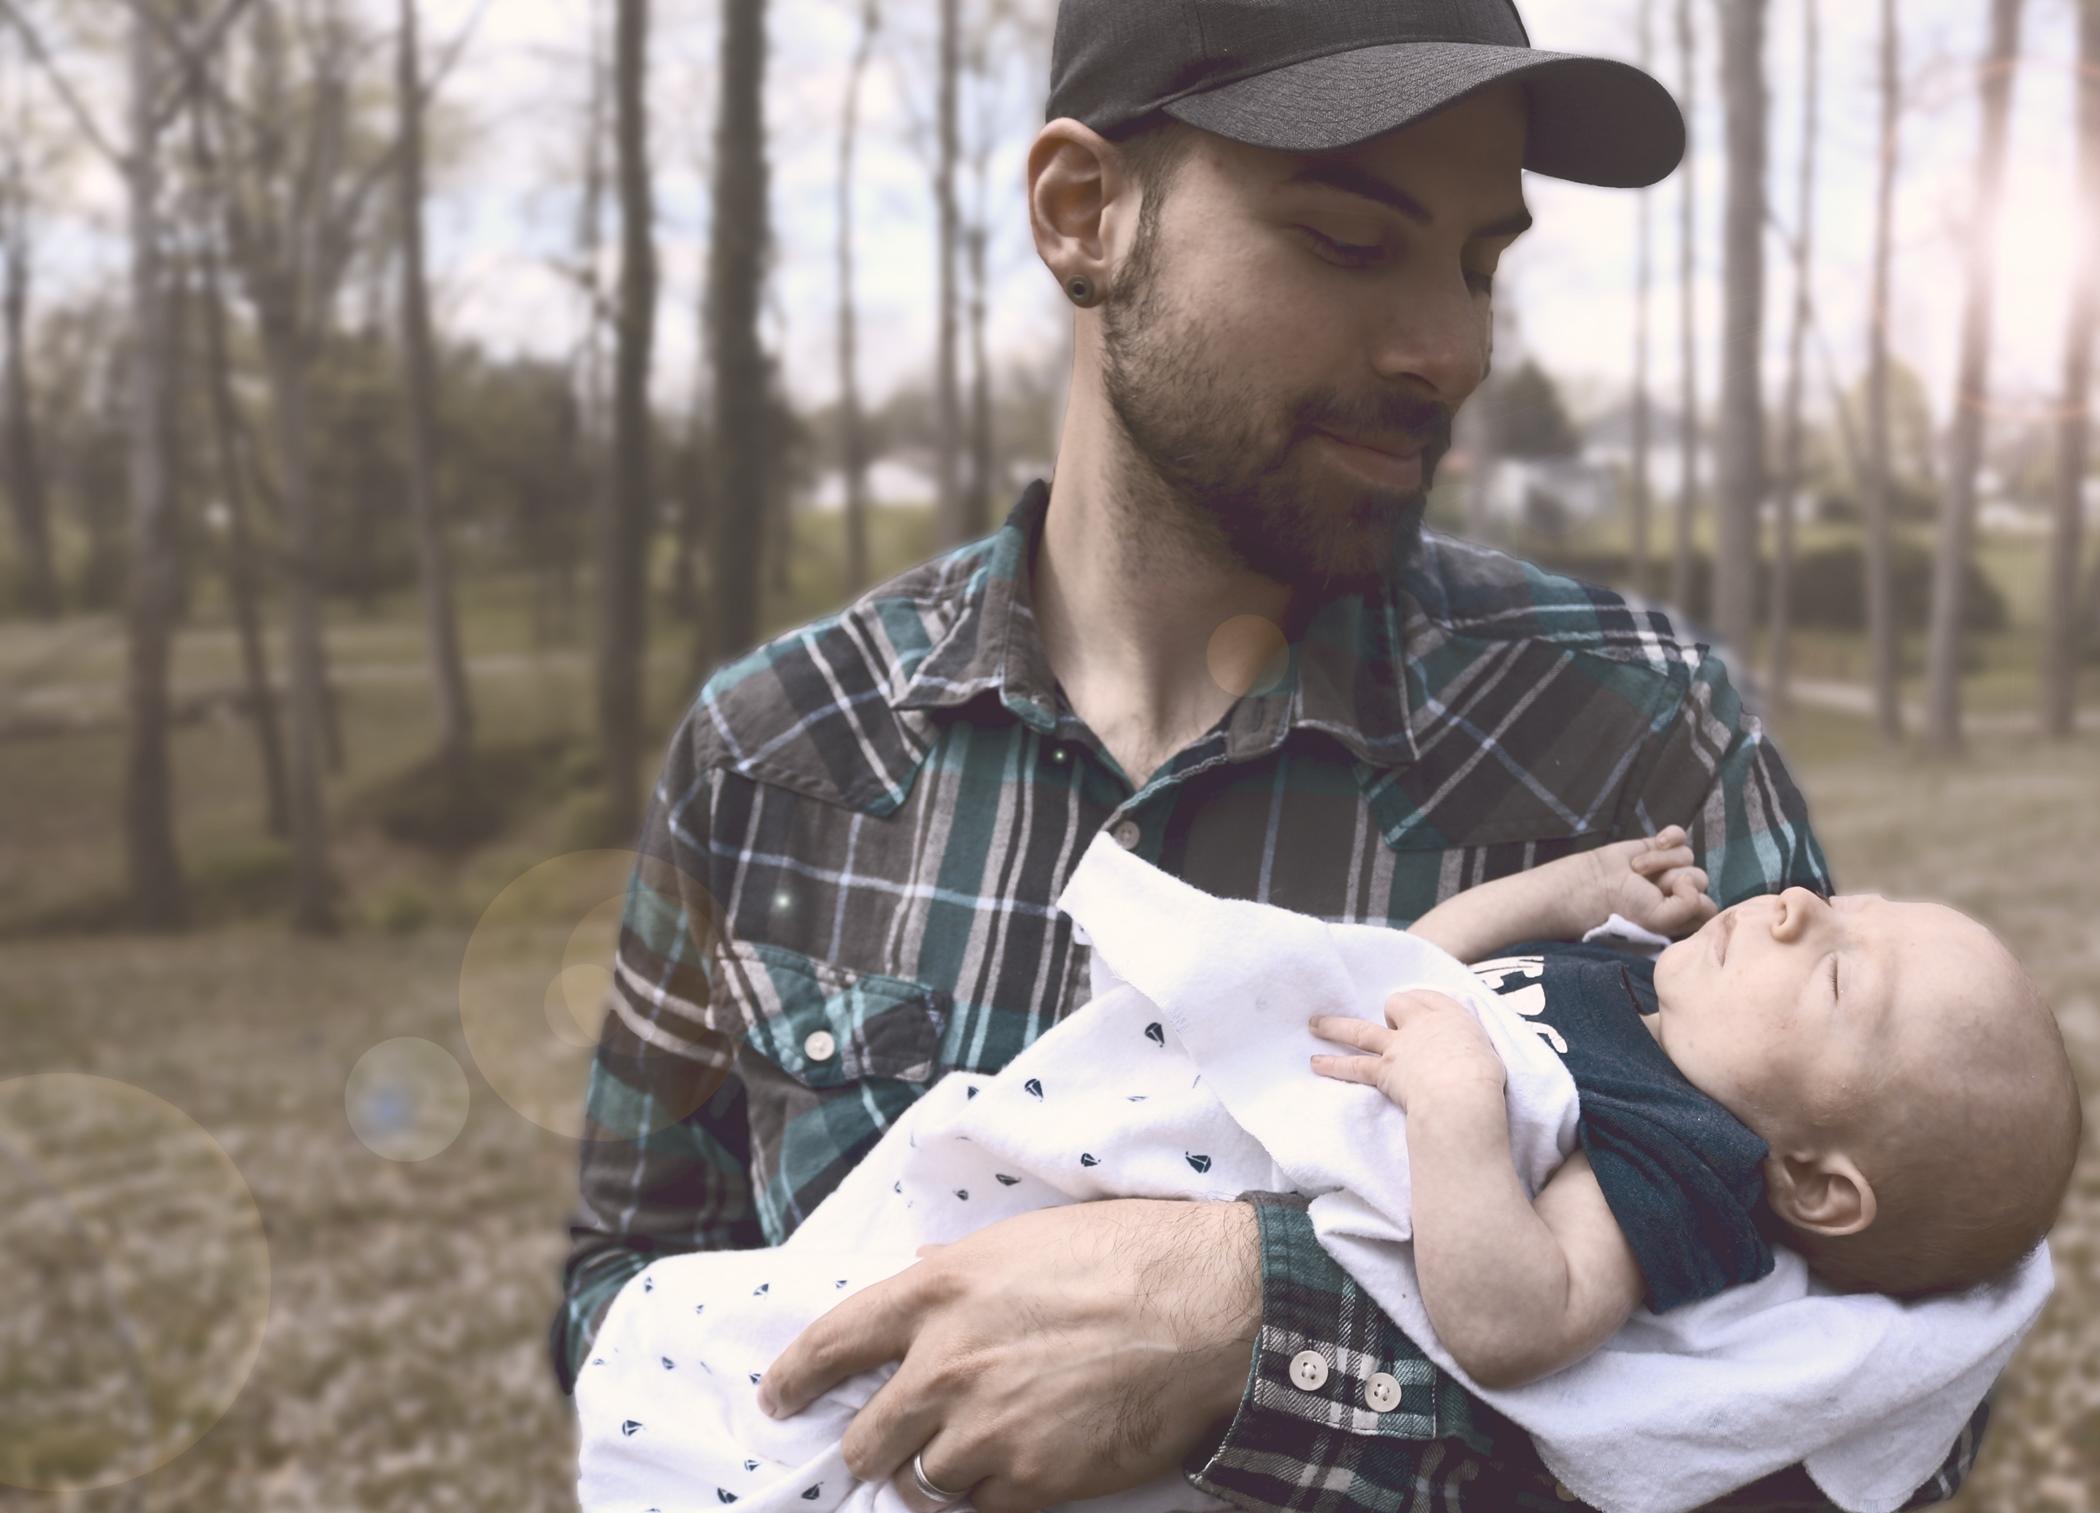 otec s dítětem - rodičovství - rodiče